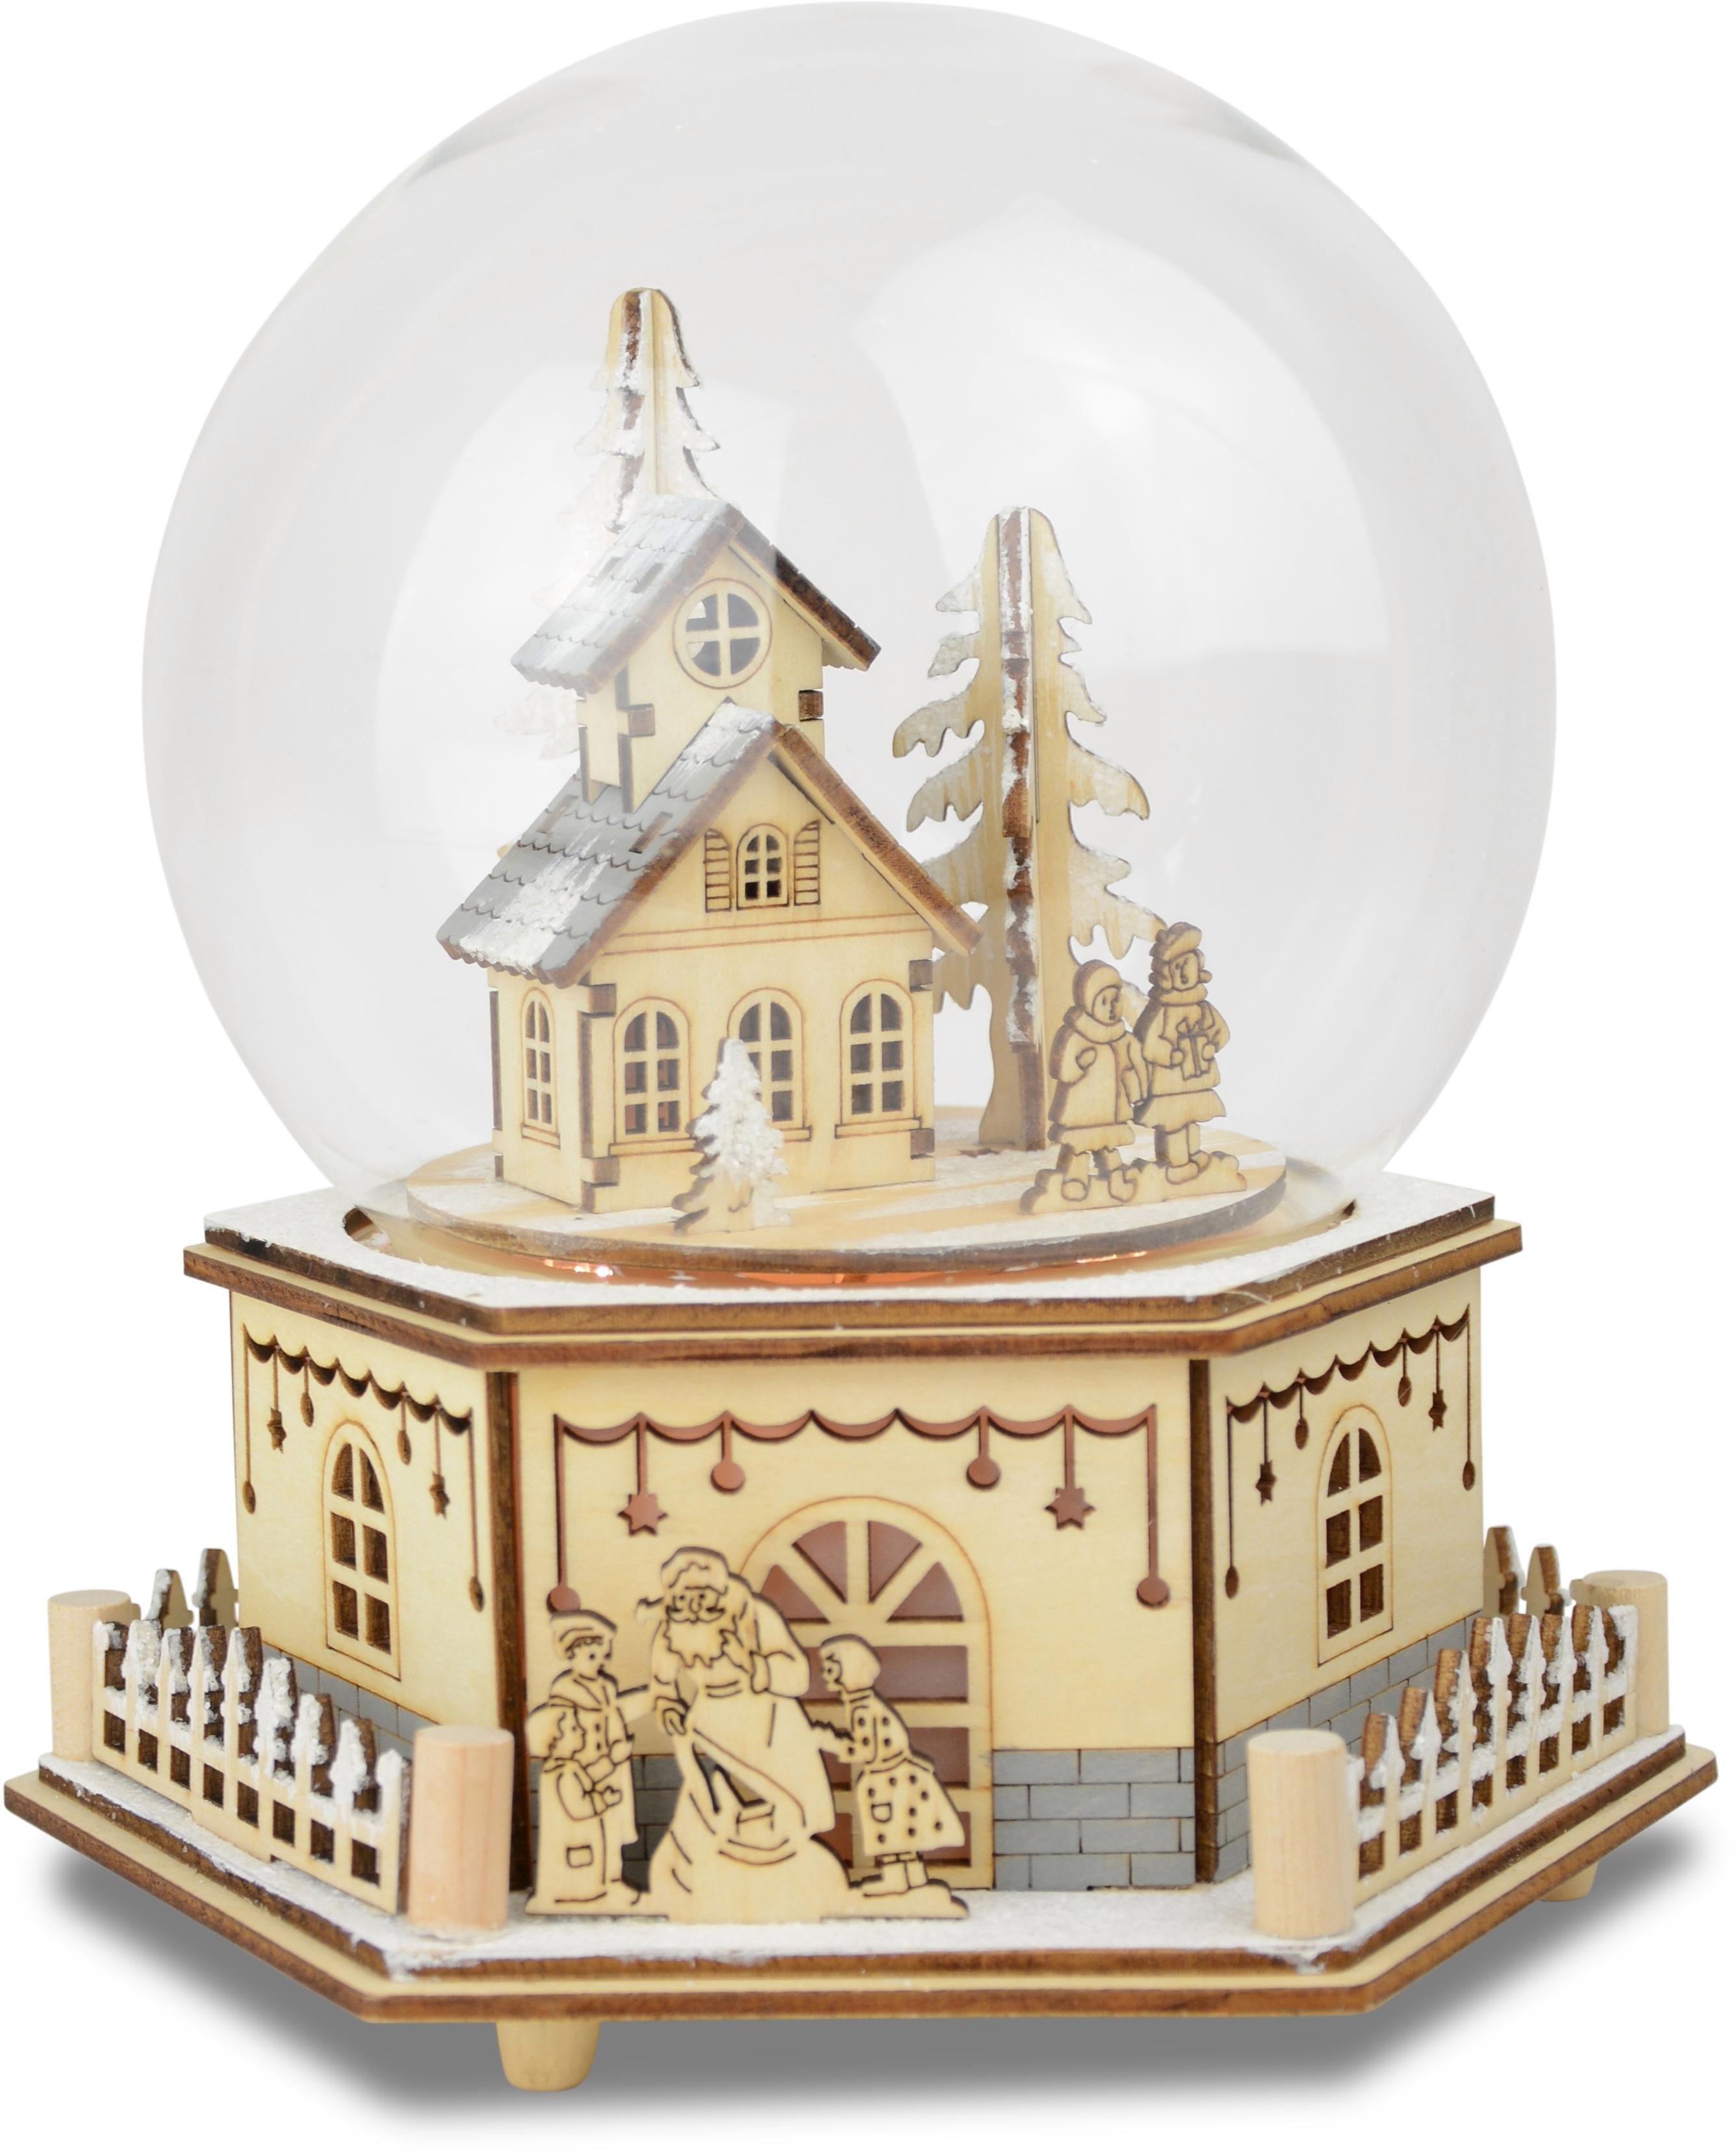 Led-speeldoosje in glazen stolp, »Huis met kinderen« online kopen op otto.nl